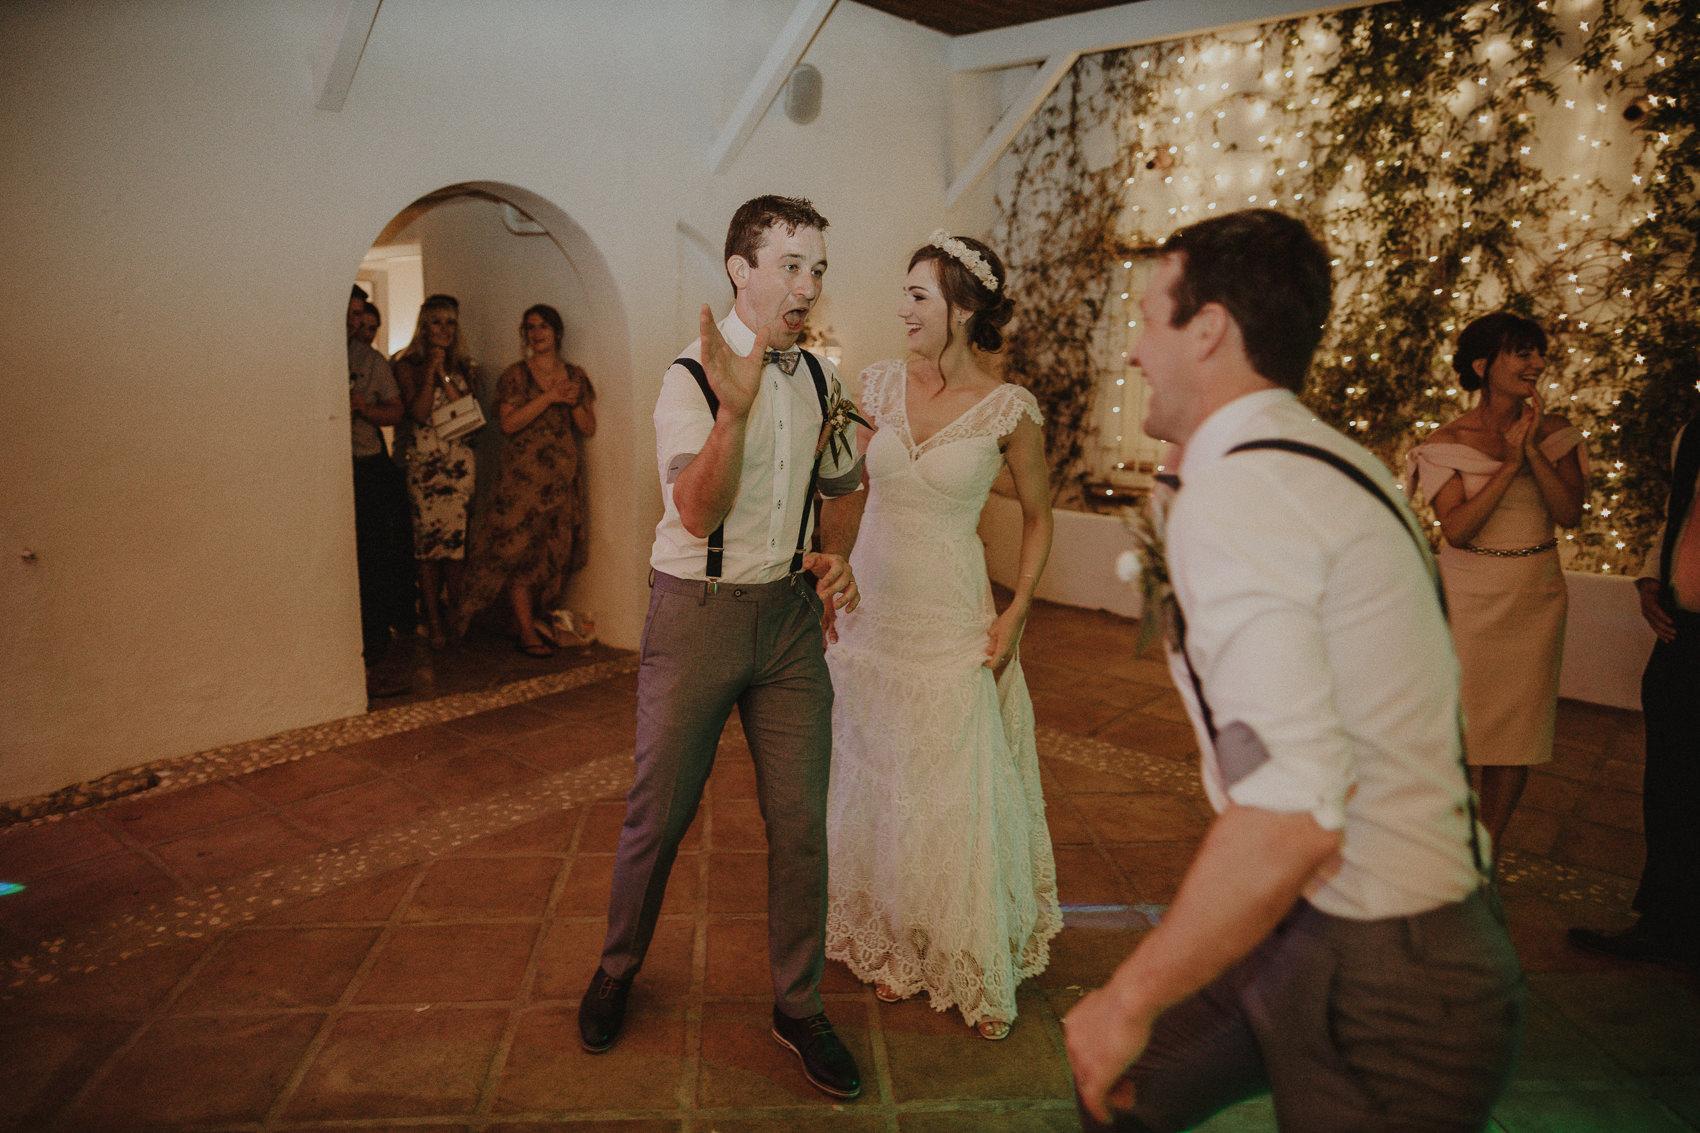 Sarah & Bill | Summer wedding at Cortijo Rosa Blanca | Marbella - Spain 163